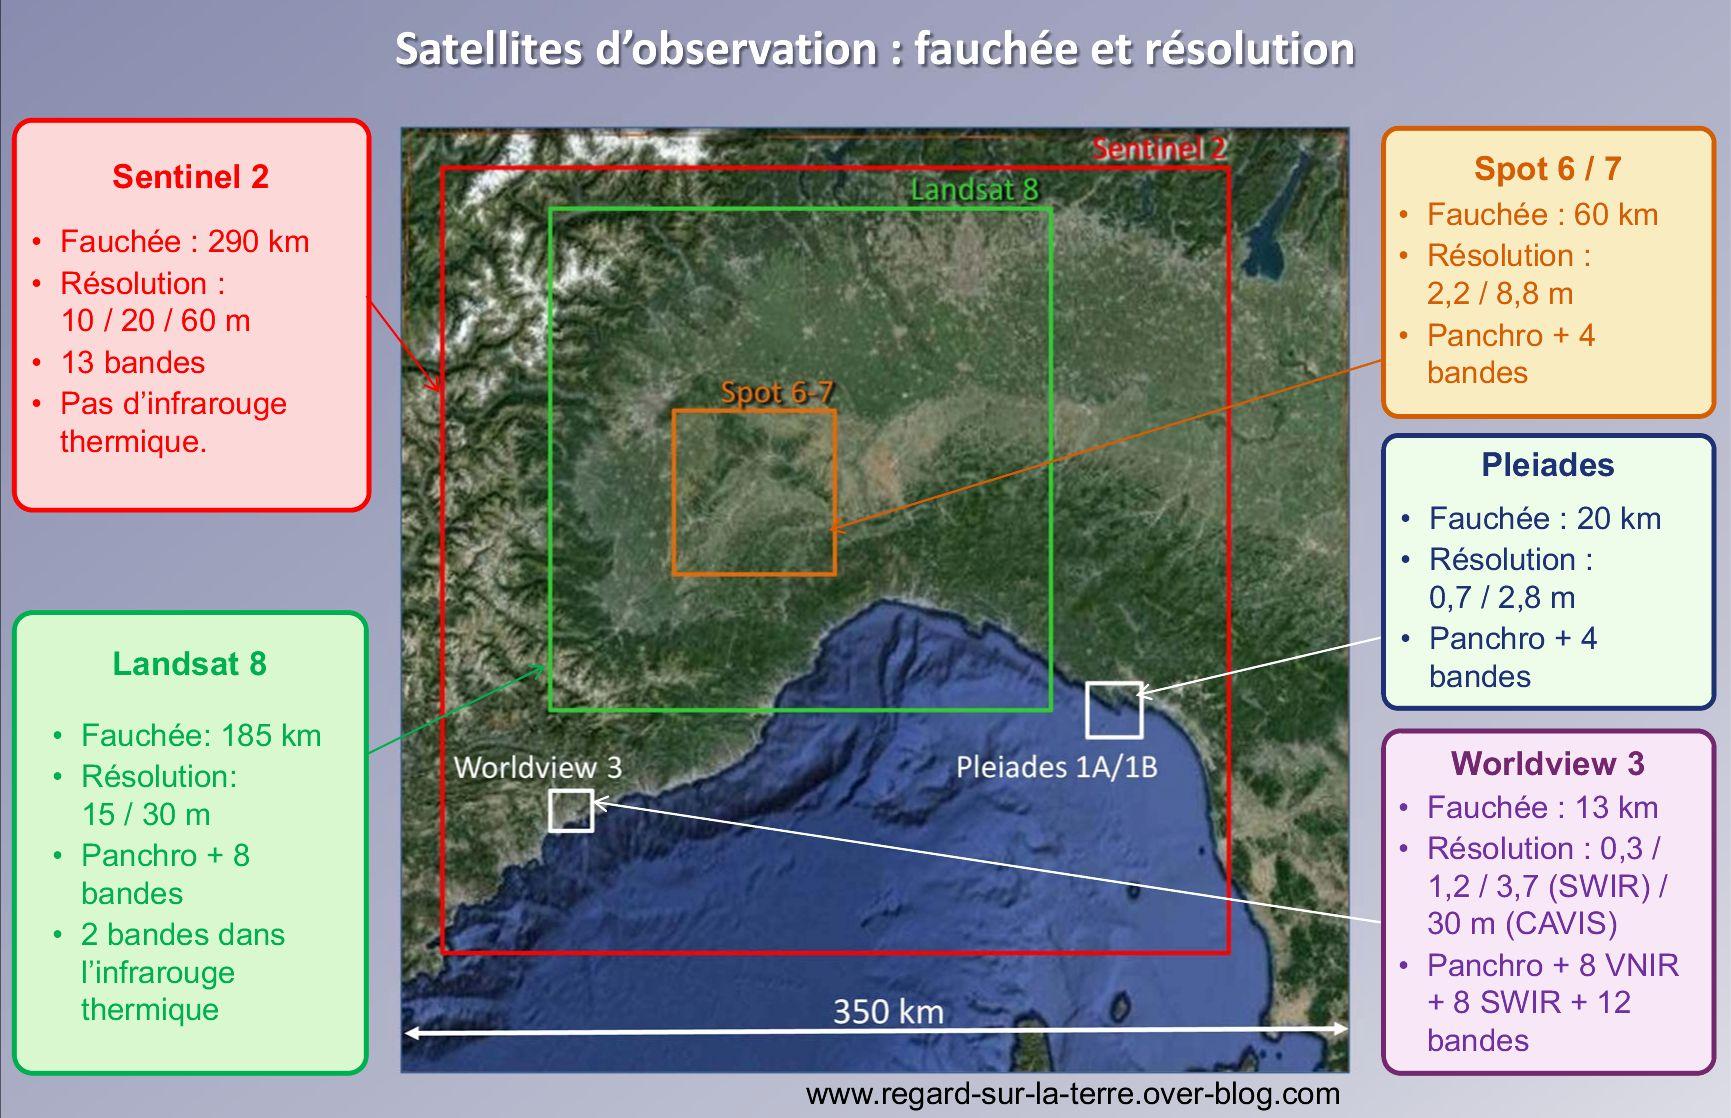 Sentinel-2 - Fauchée et résolution - Première image - Comparaison Landsat Spot Pleiades - ESA - CNES - NASA - Première image